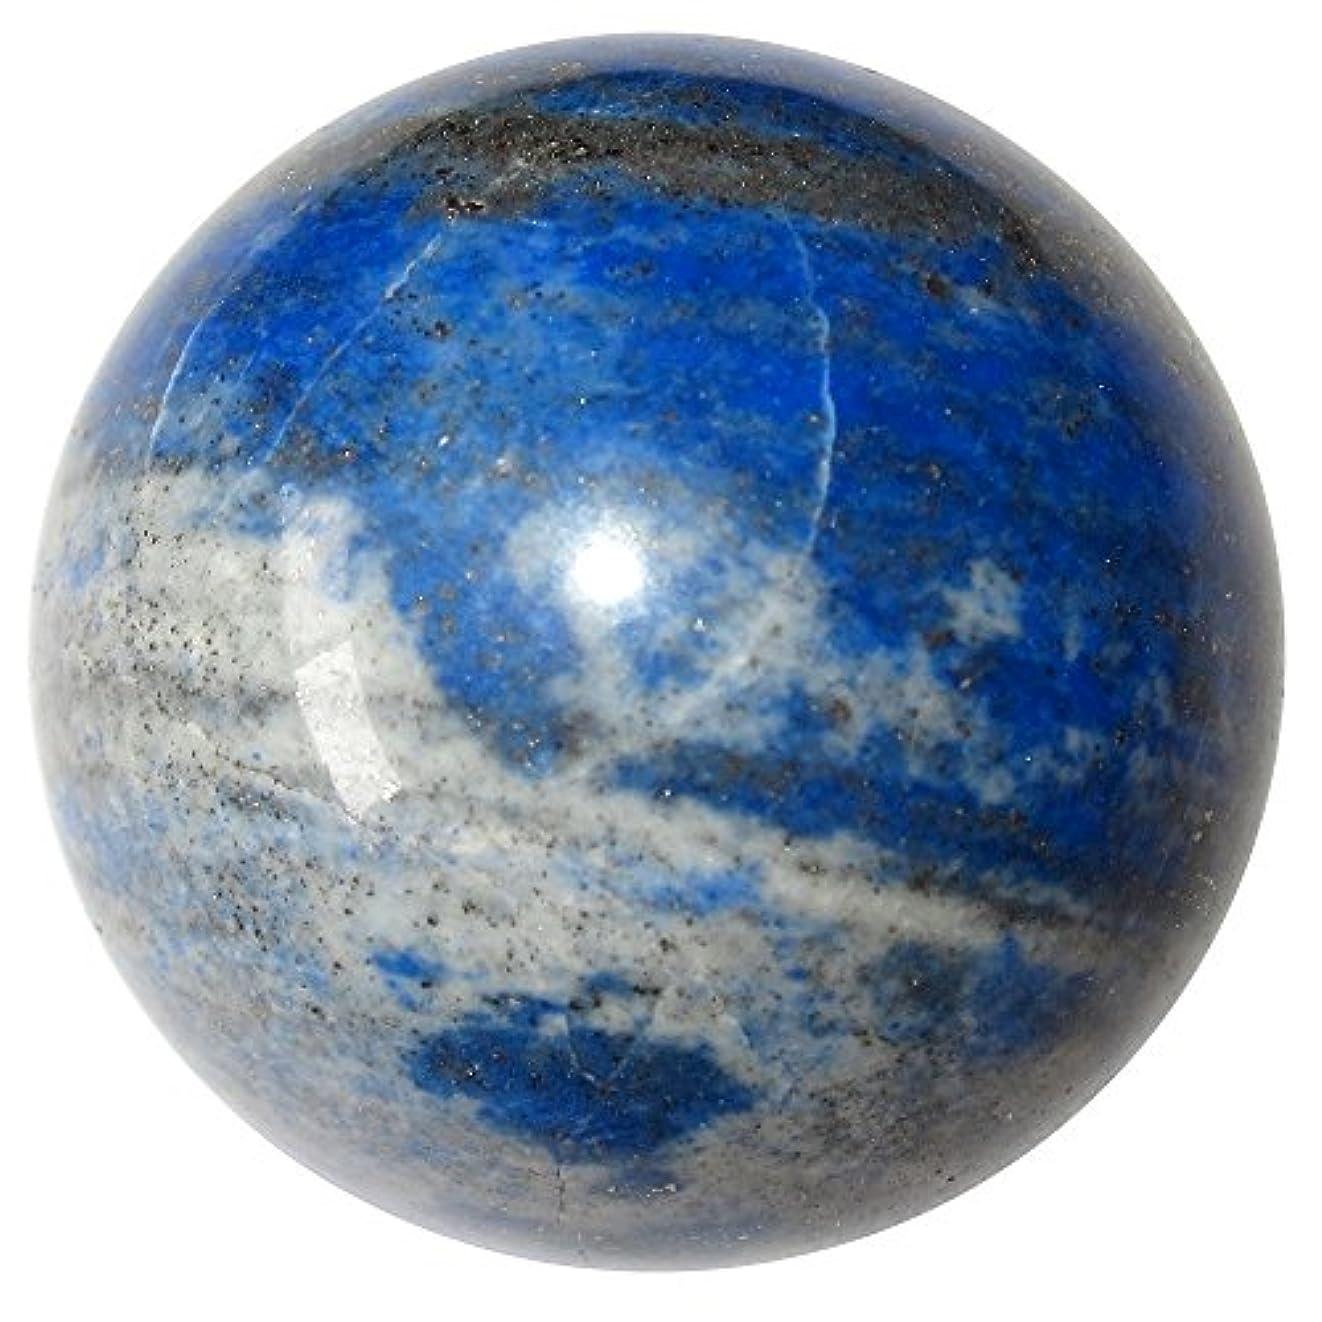 逮捕牛撤回するサテンクリスタルLapisボールプレミアムブルーLazuli Third Eye Chakra直感的なHealing Precious Stone球p03 1.6 Inches ブルー lapisball03-afghanearth-1.6